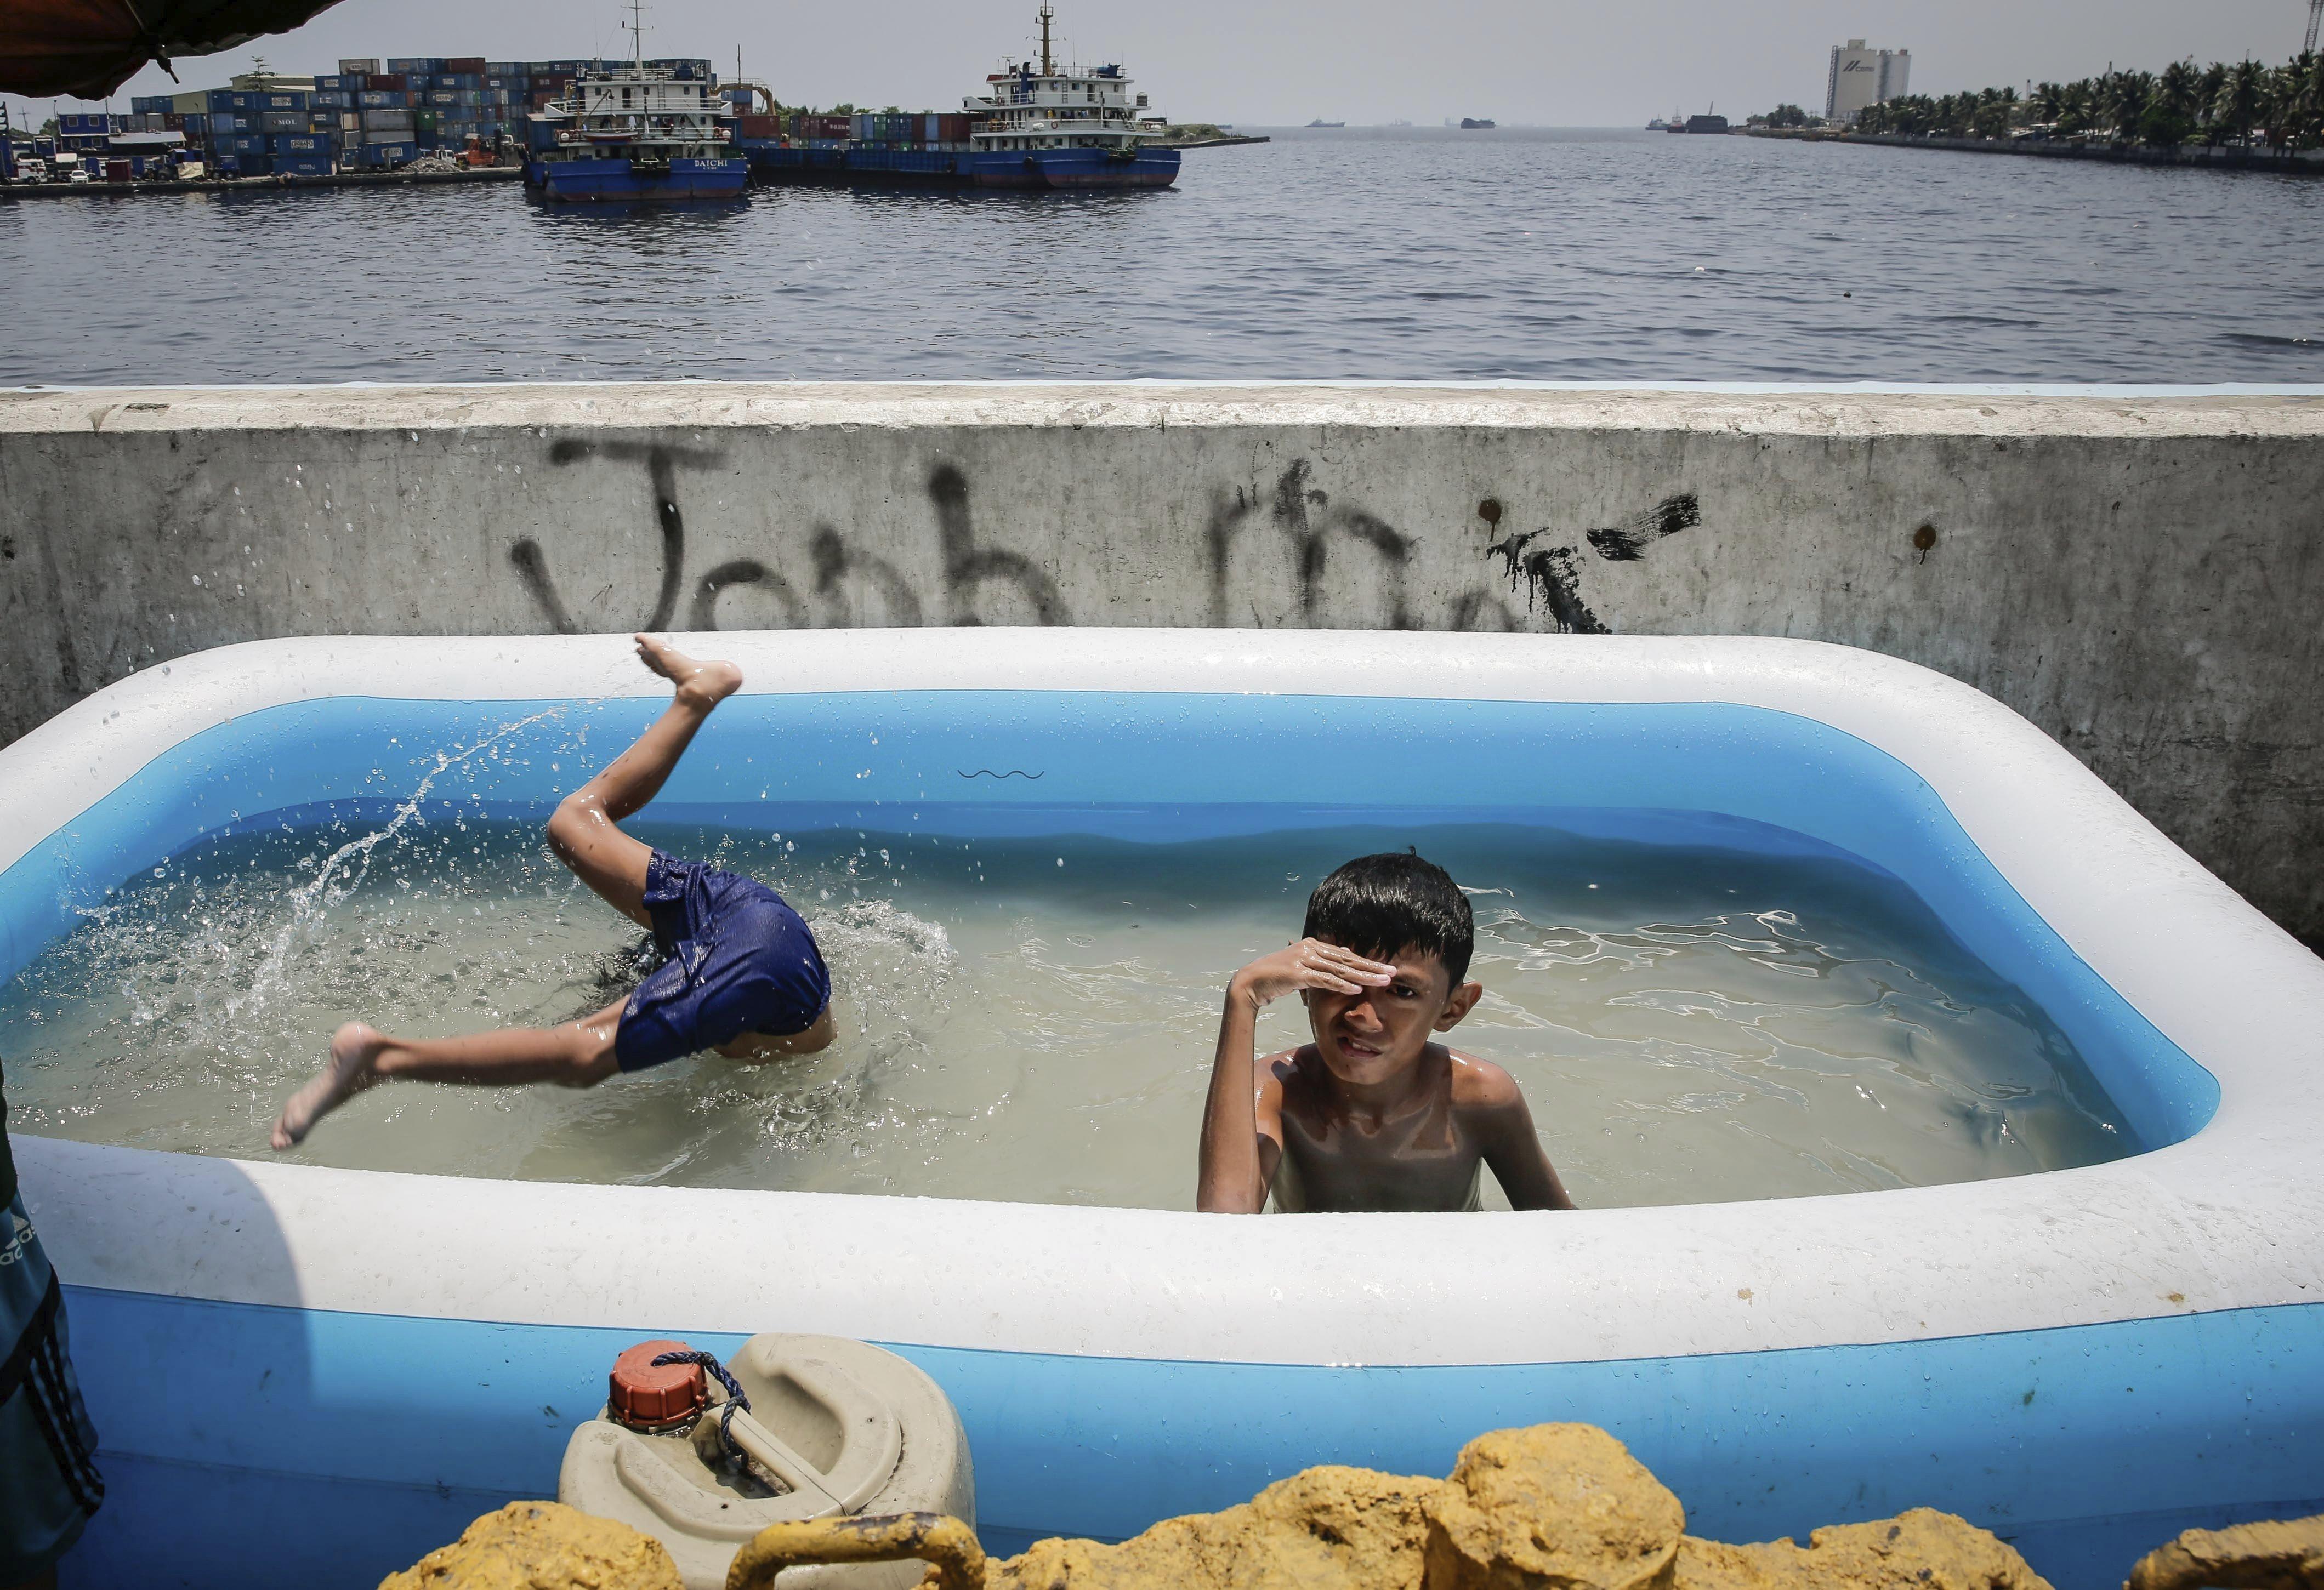 Dos nins juguen en una piscina inflable col·locada en un pont a Manila (Filipines). /MARK R. CRISTIANO